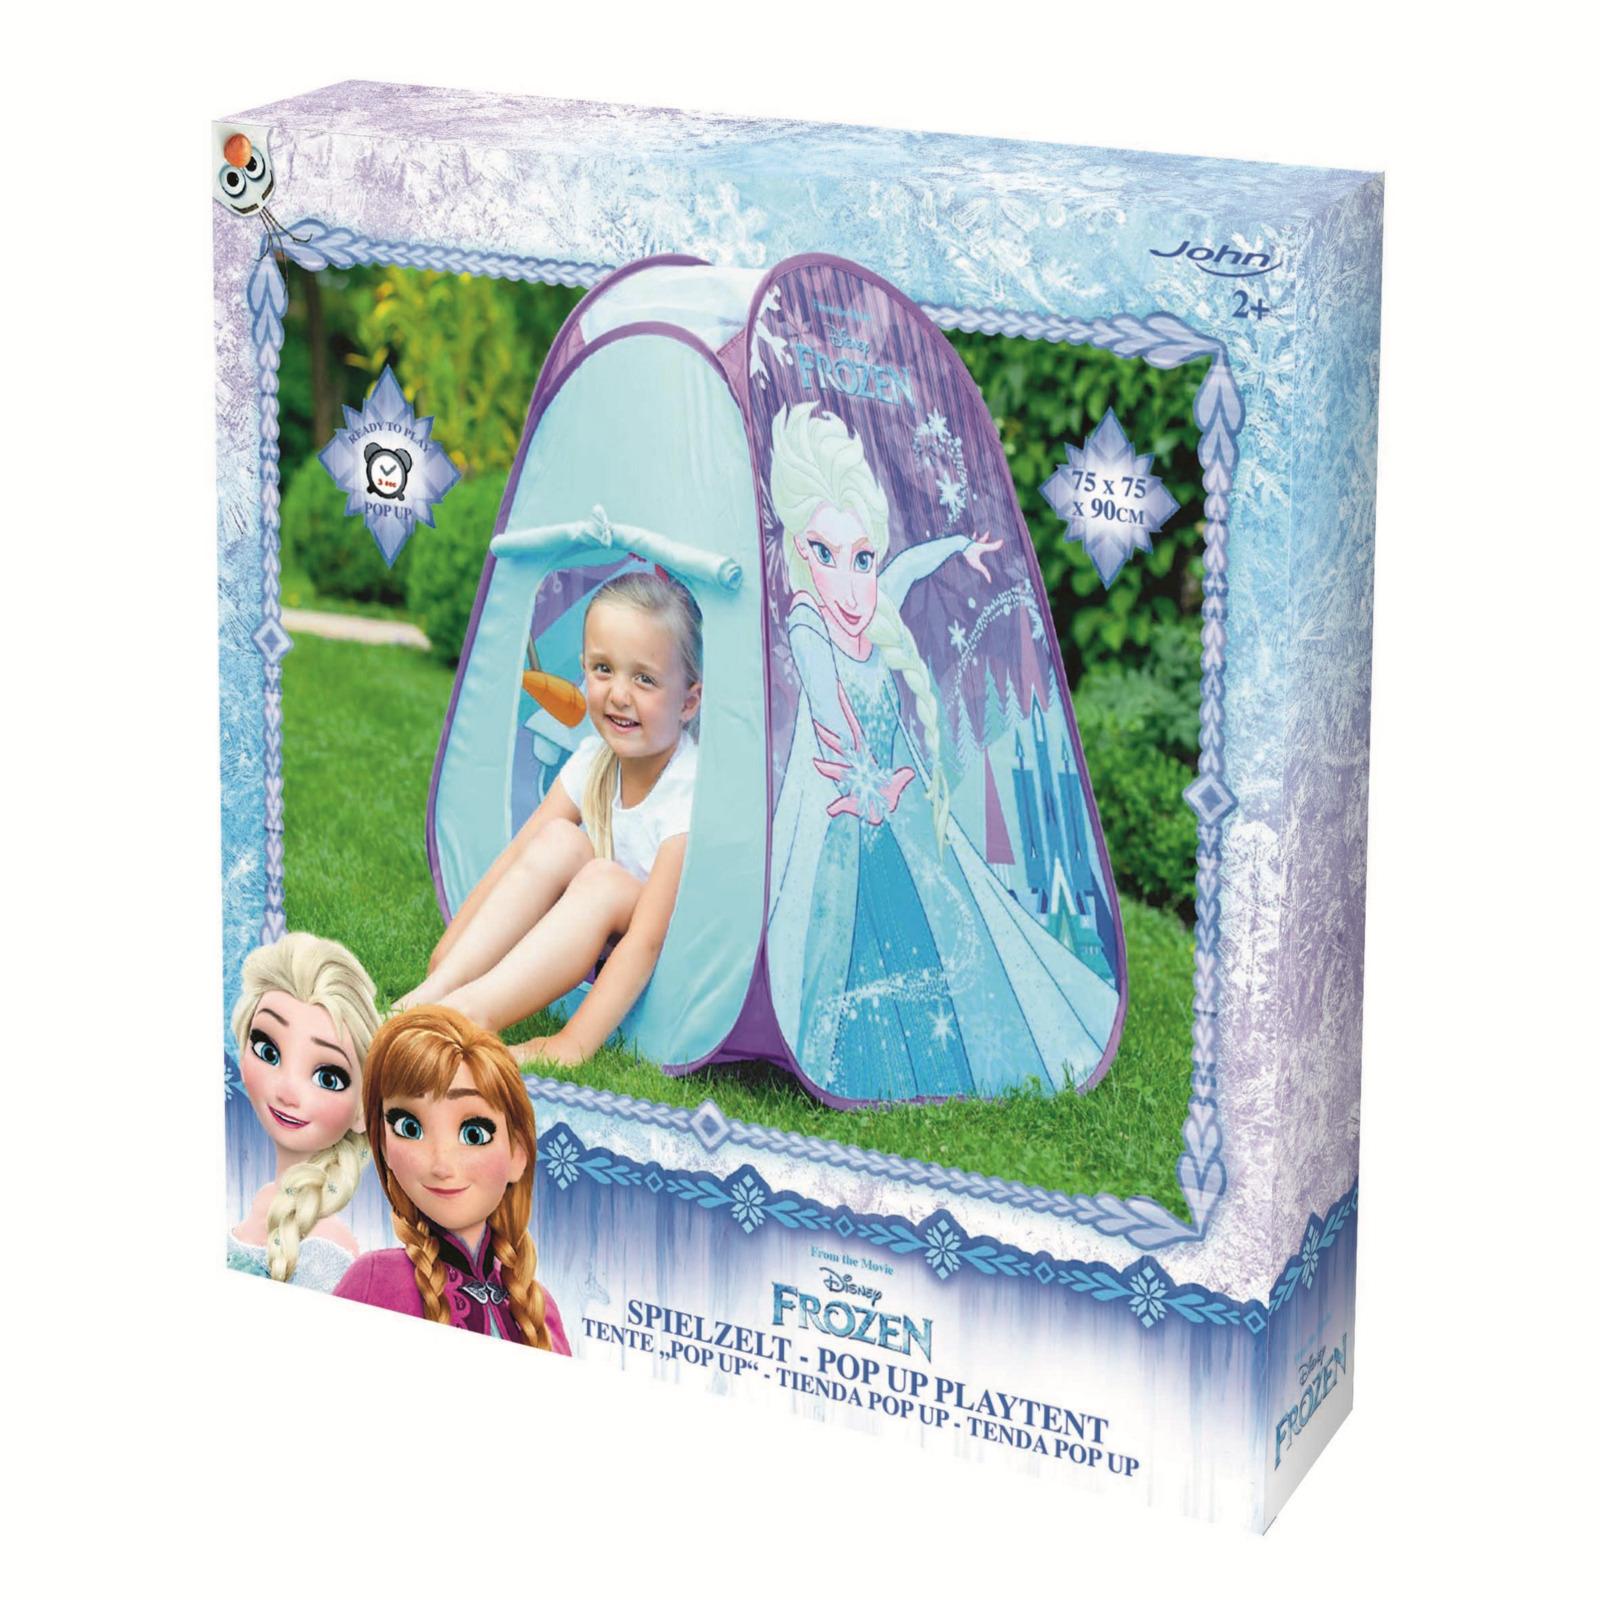 Детская игровая палатка Холодное сердце, 75144, 75 х 75 х 90 см